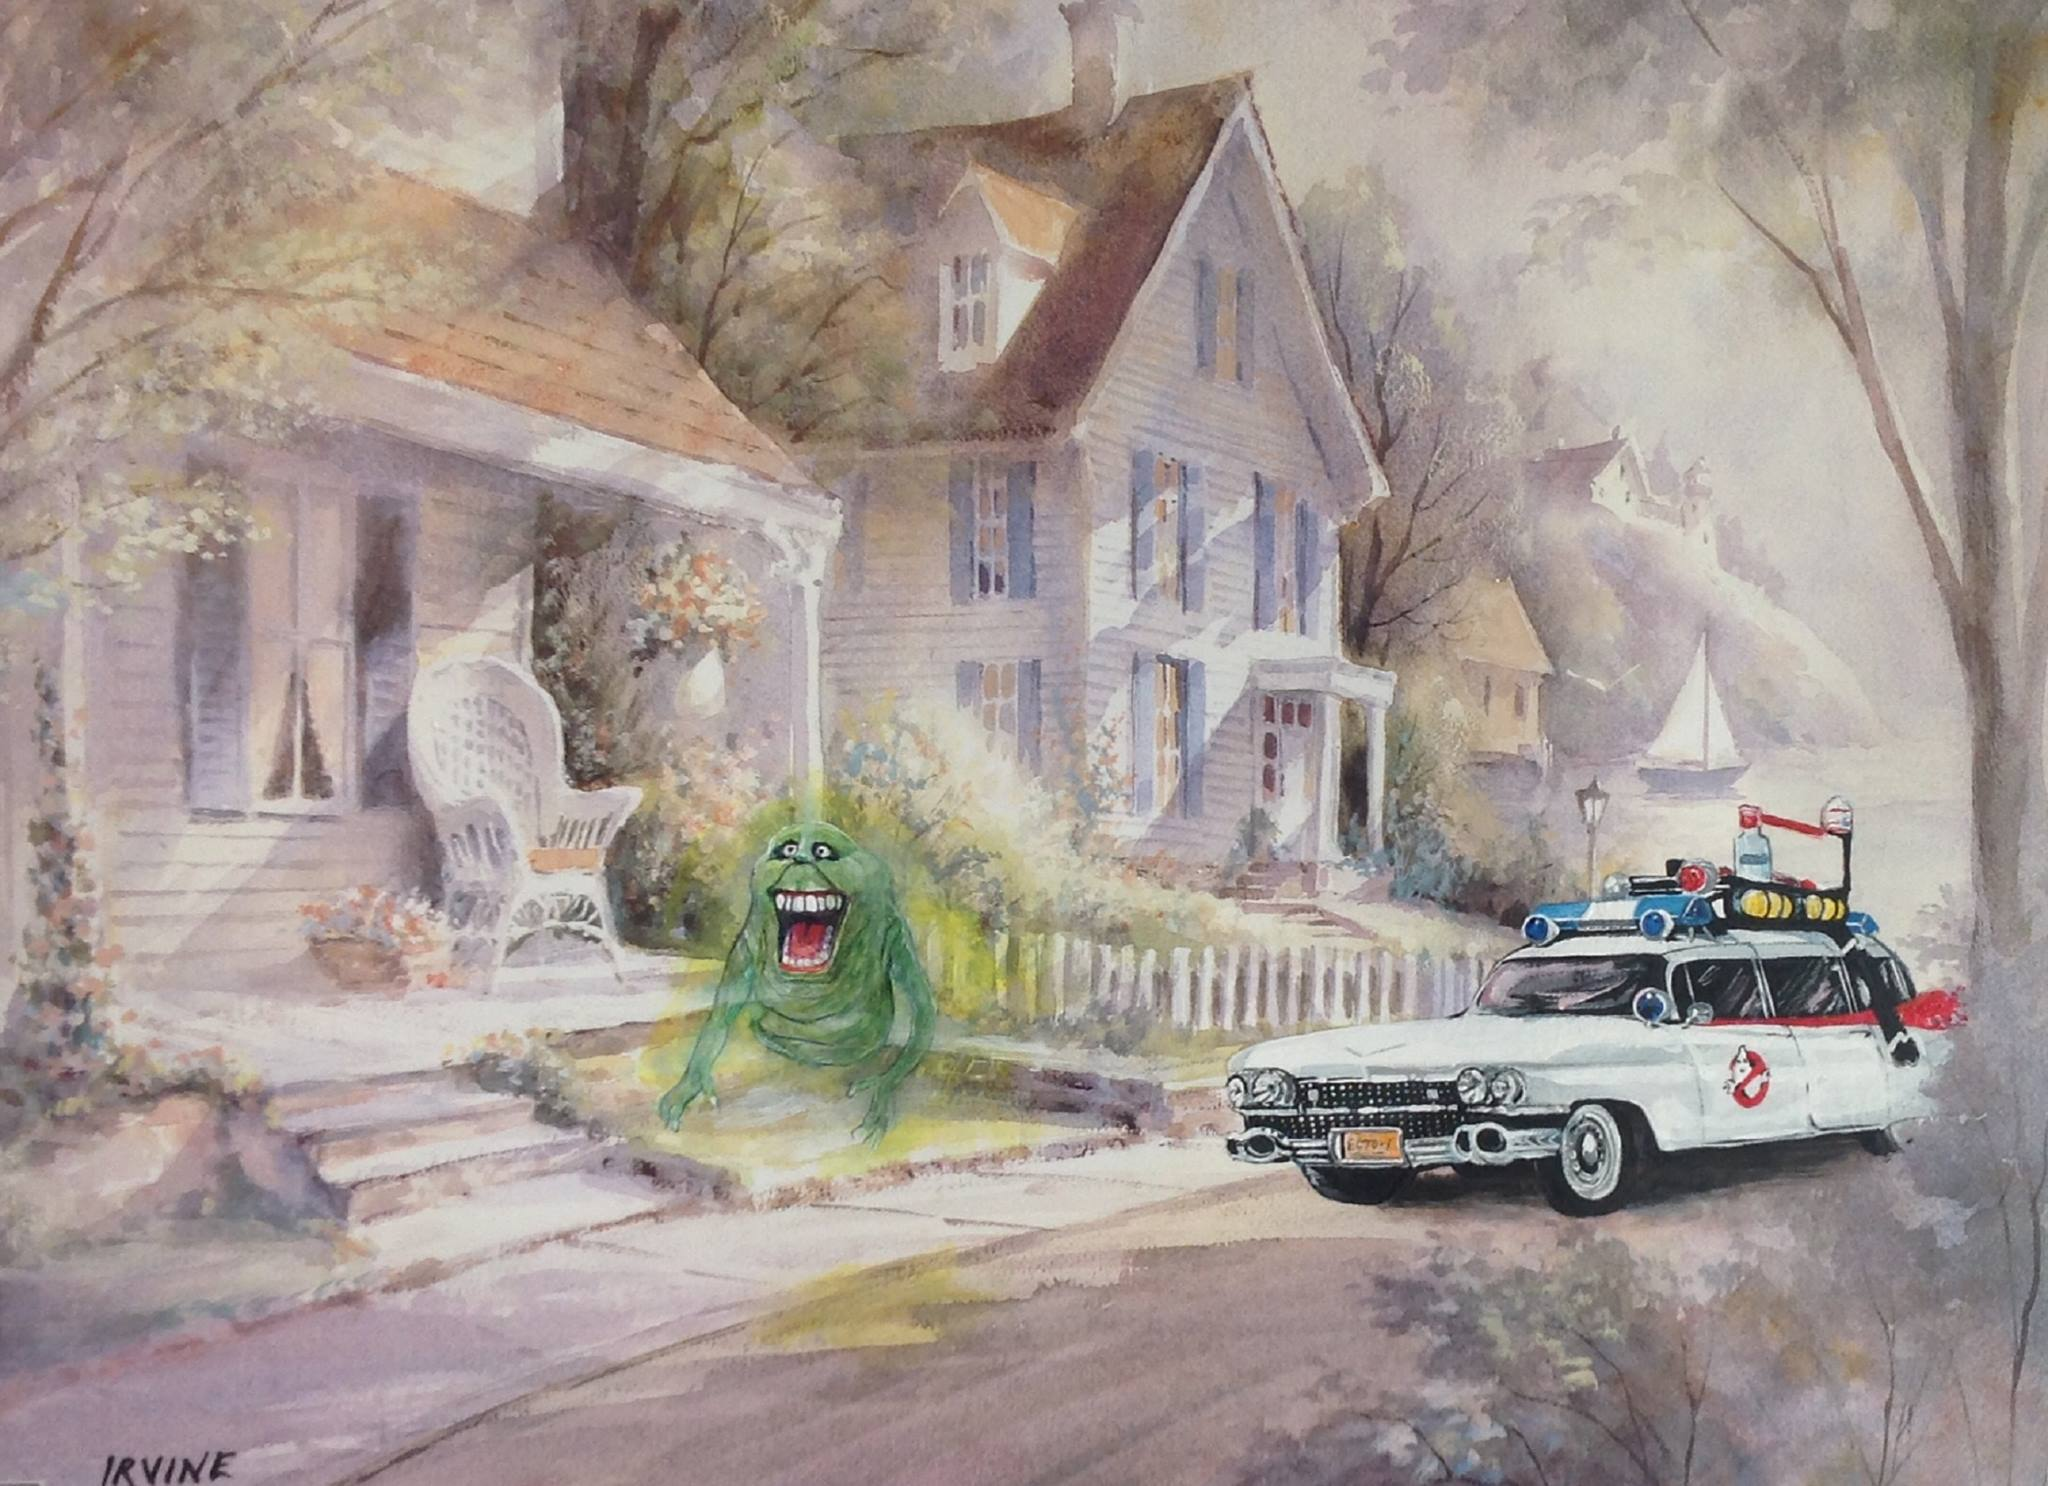 Pintura con coche de los caza fantasmas